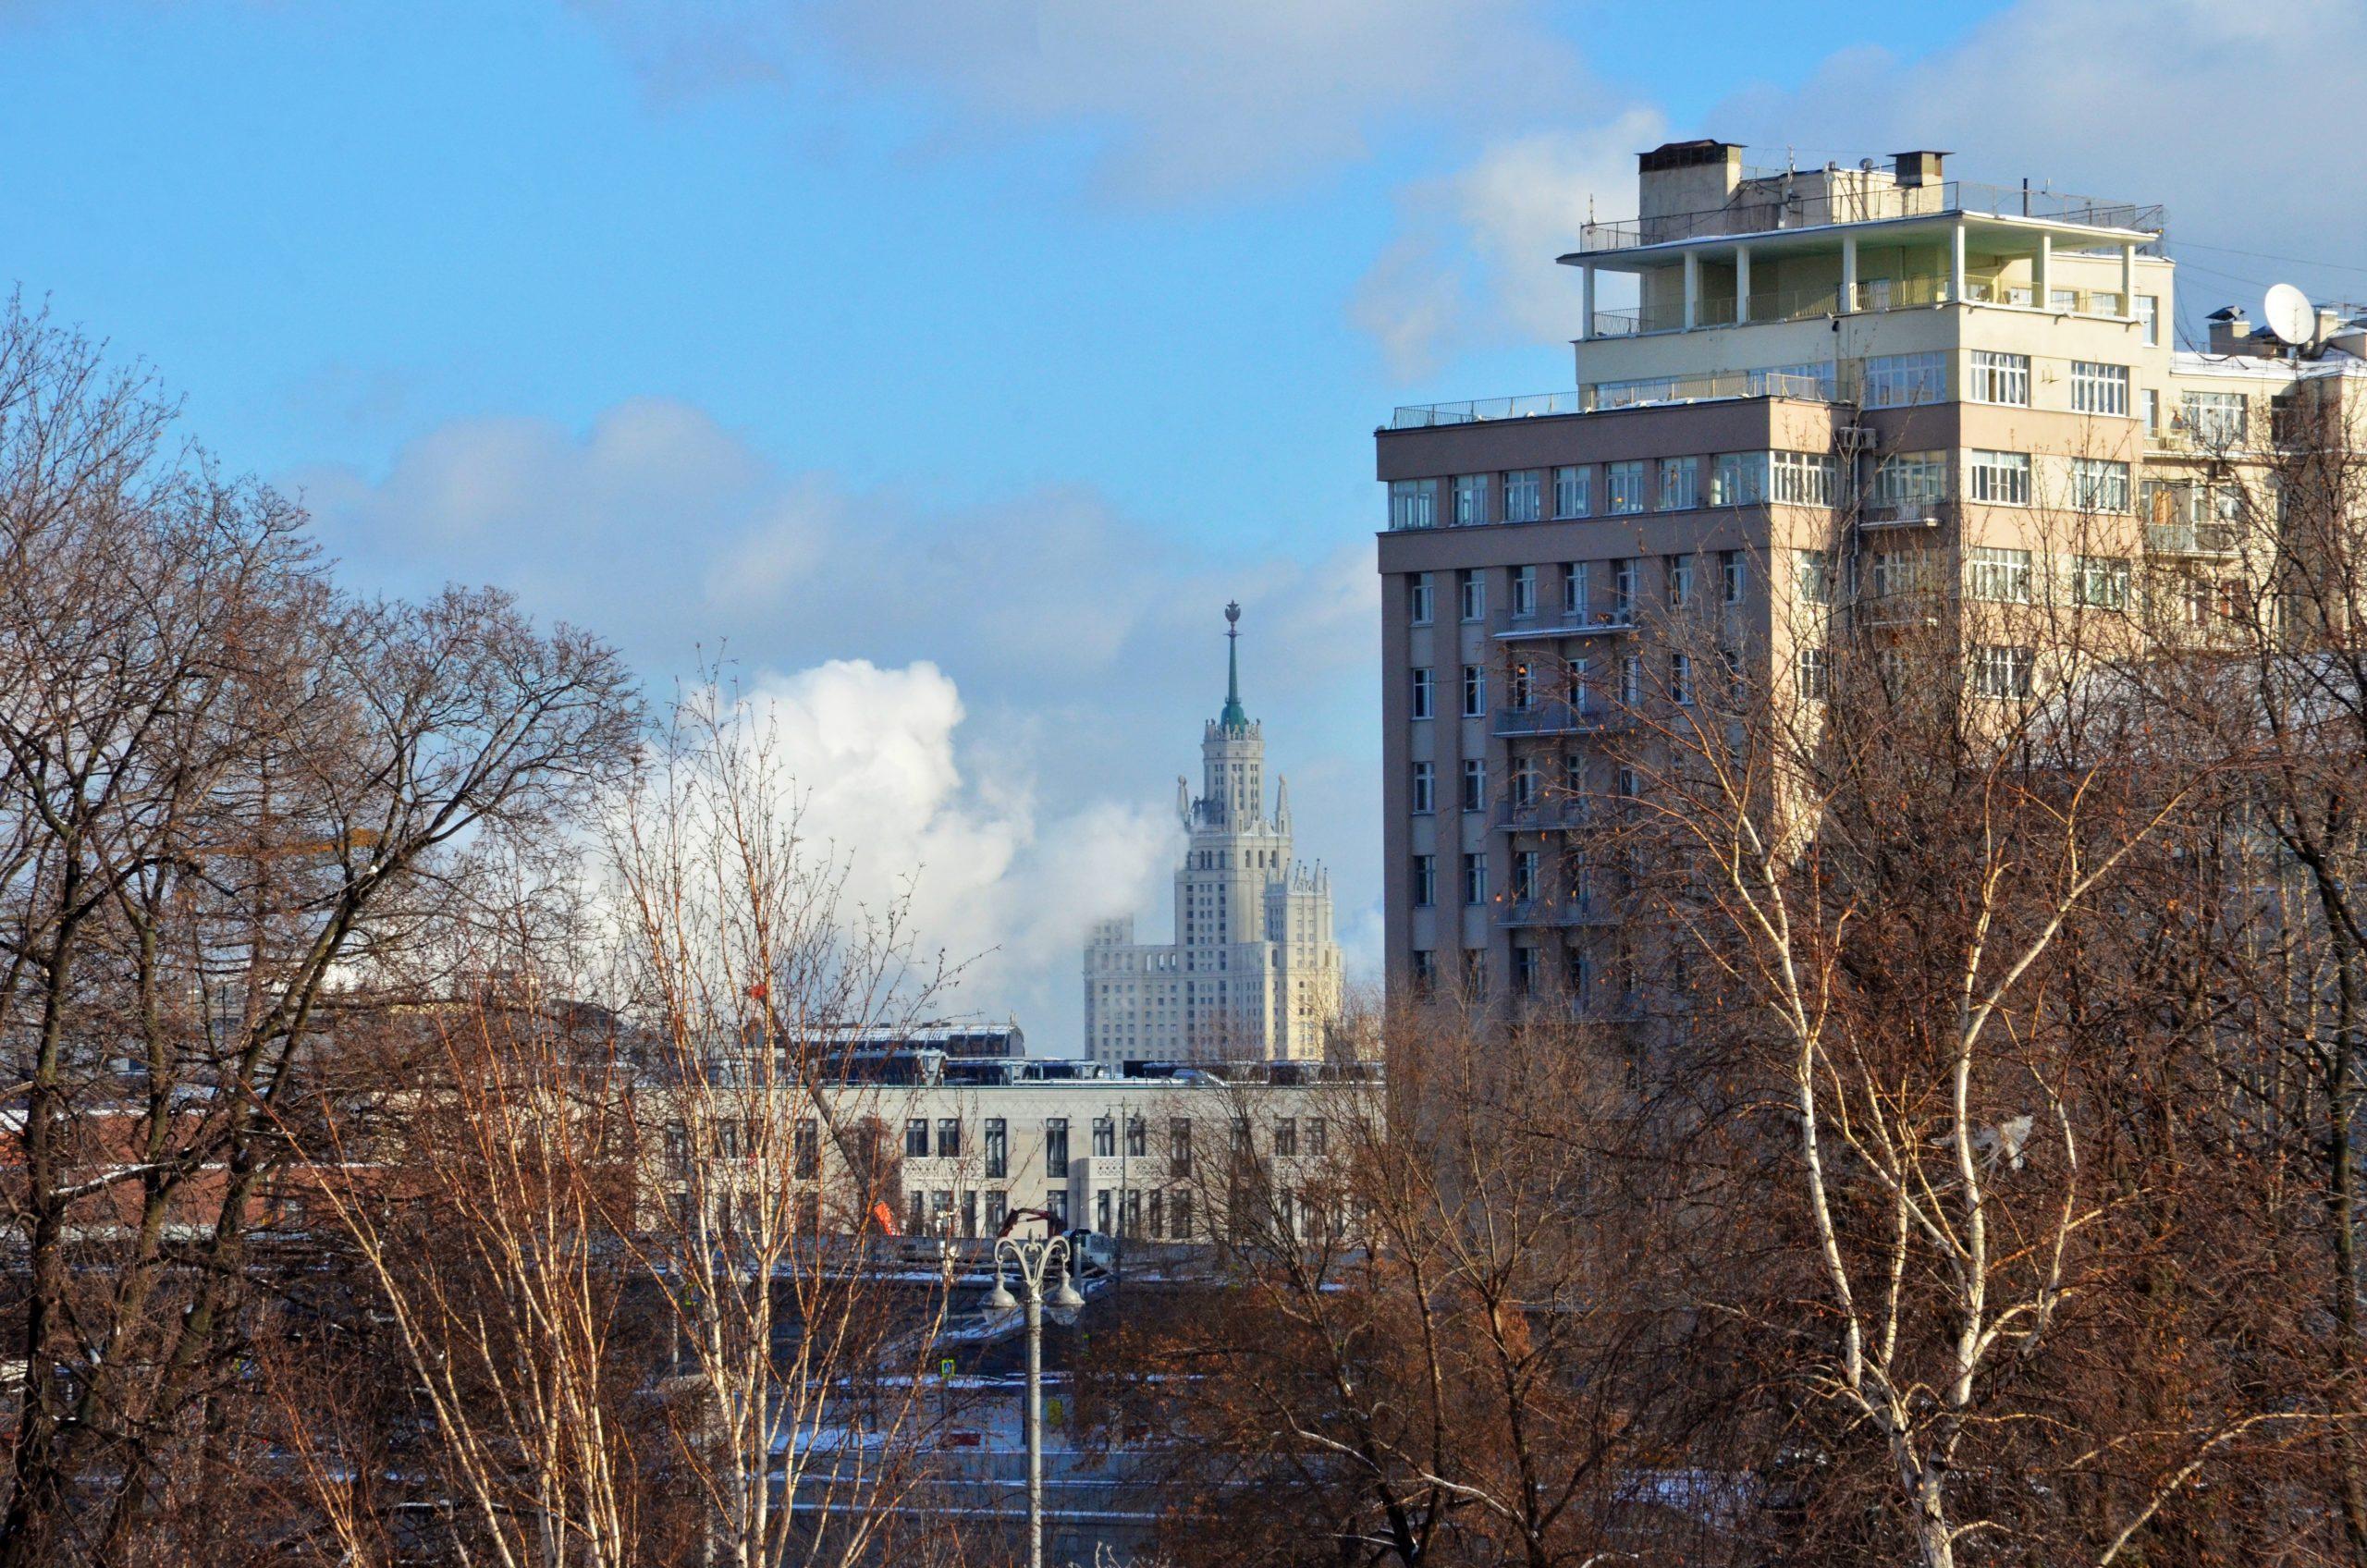 Новый спорткомплекс появится в районе Москворечье-Сабурово. Фото: Анна Быкова